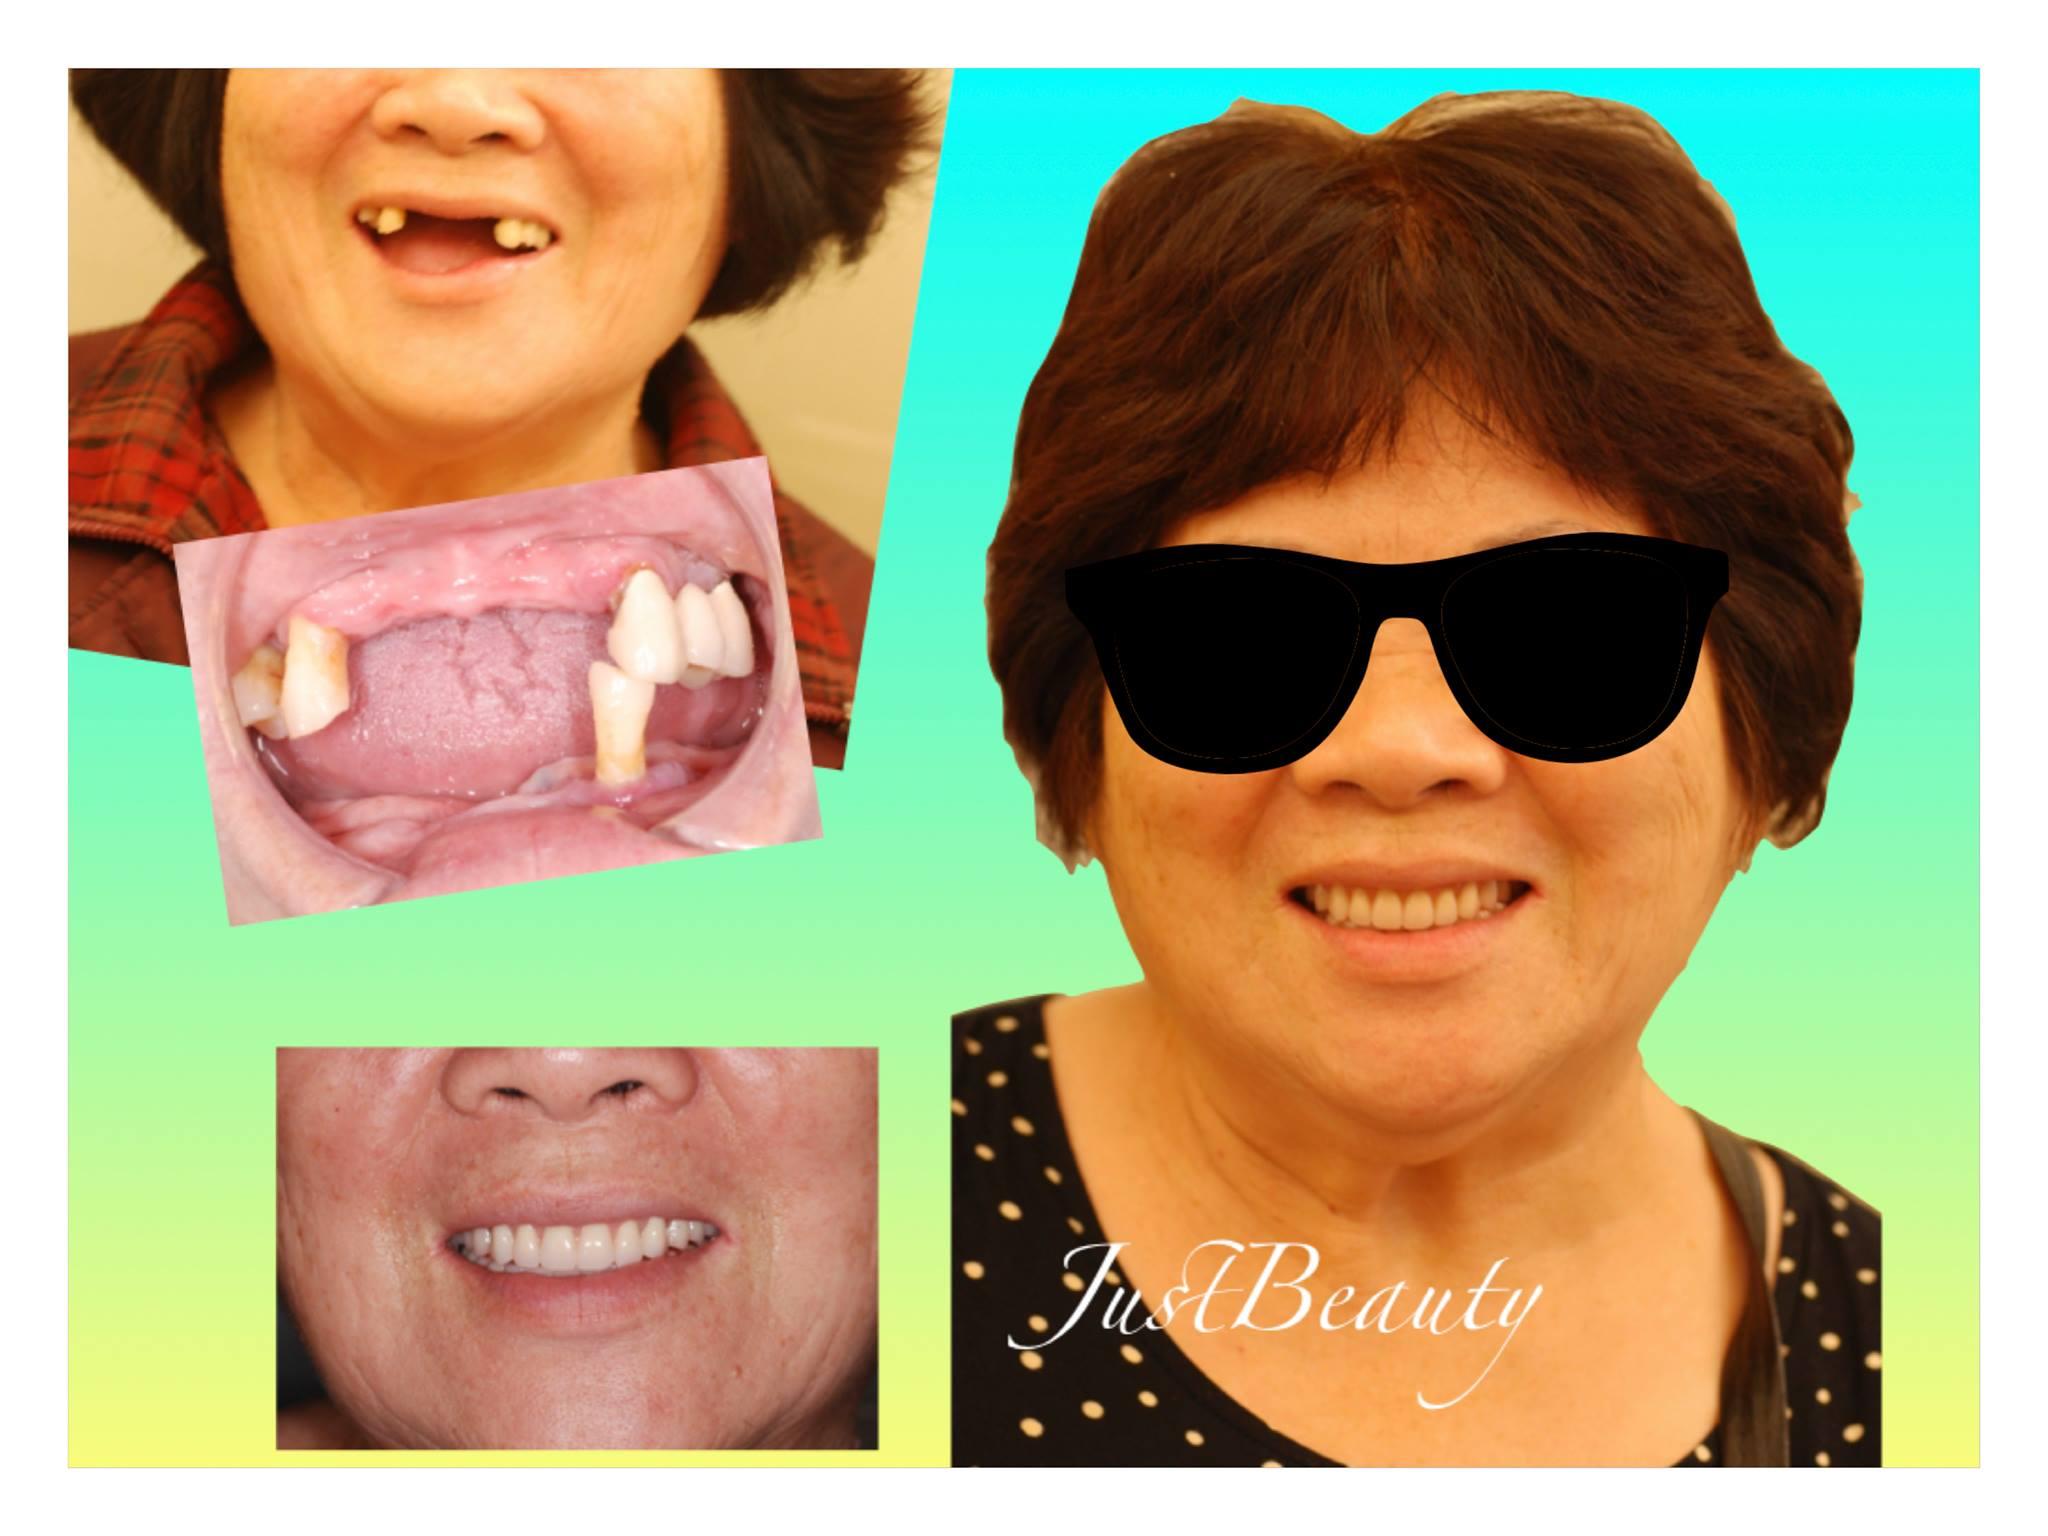 (左上)術前,(右及左下)implant overdenture完成照